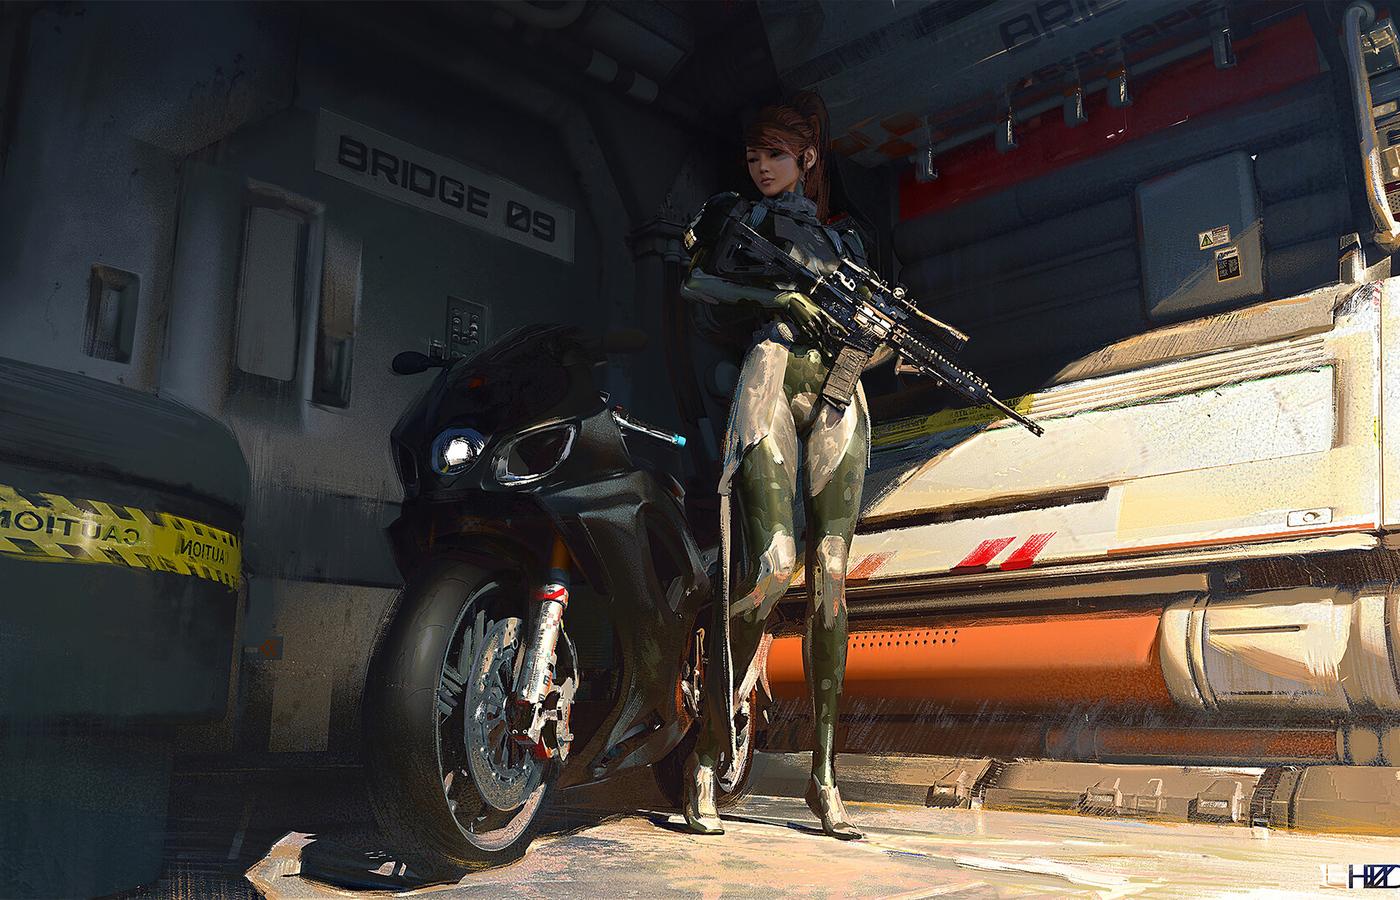 gun-science-fiction-biker-girl-vv.jpg